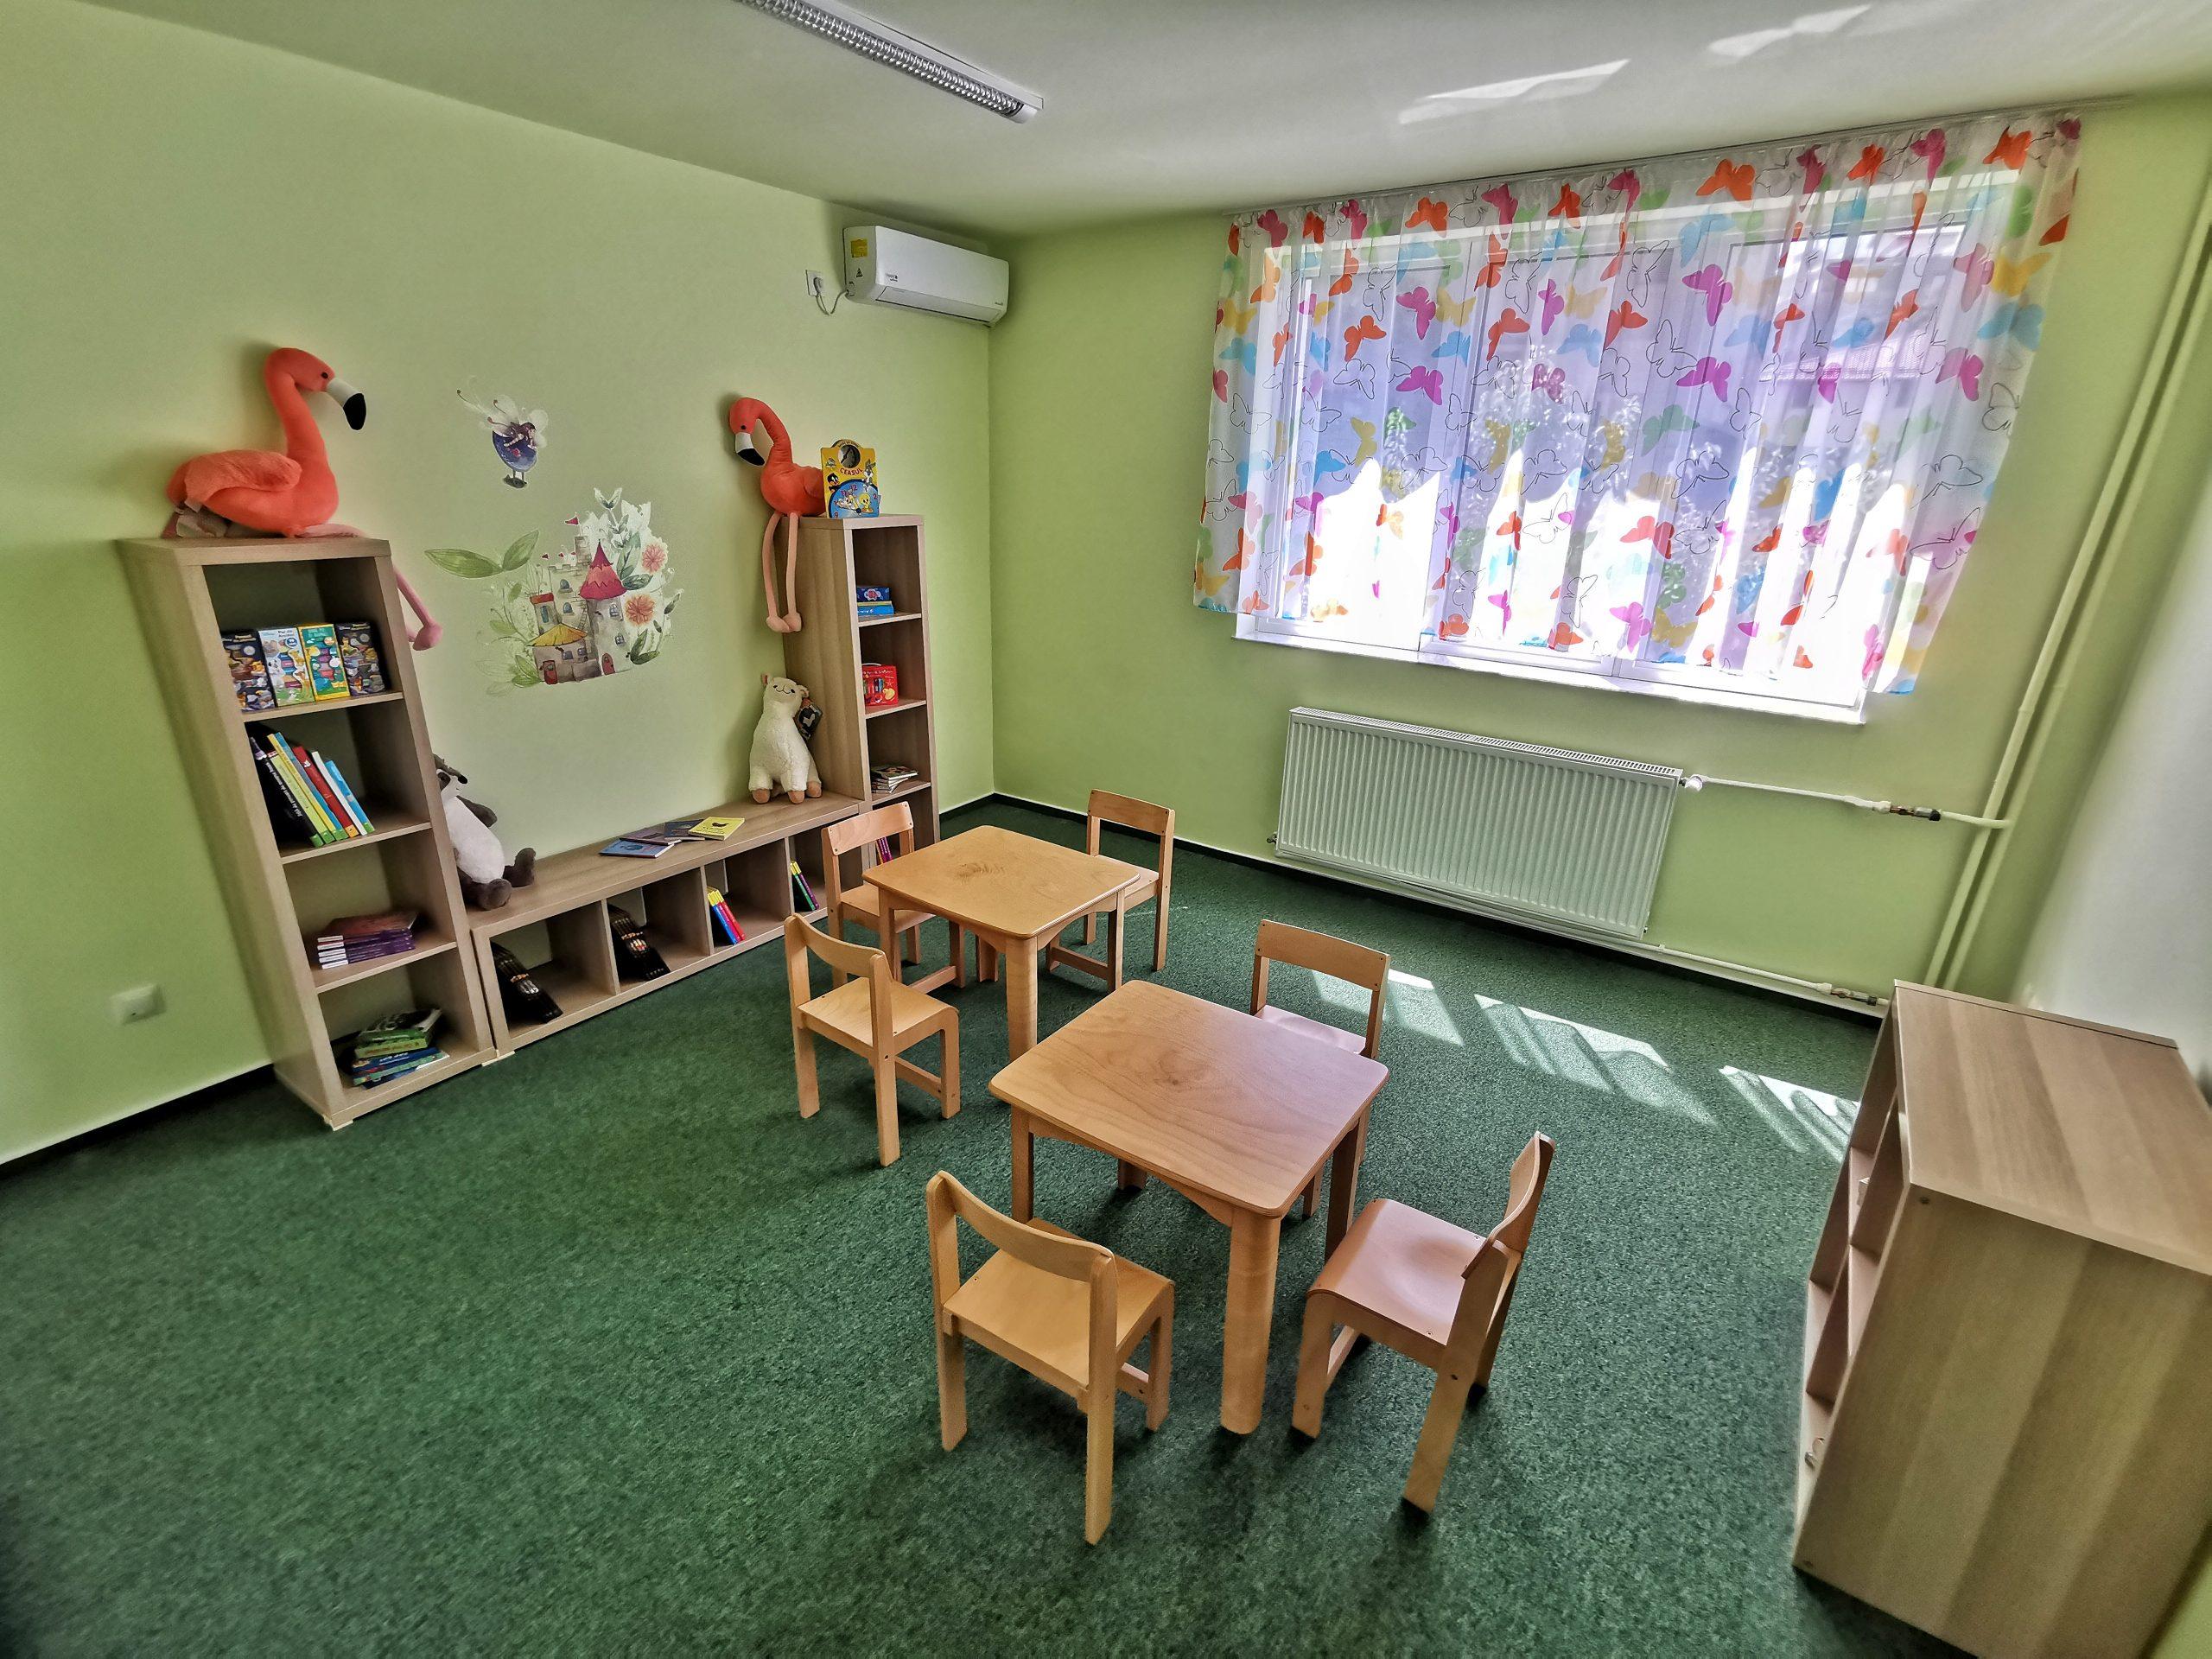 Centru Educațional Grădiniță Bibliotecă Copii Cărți Povești